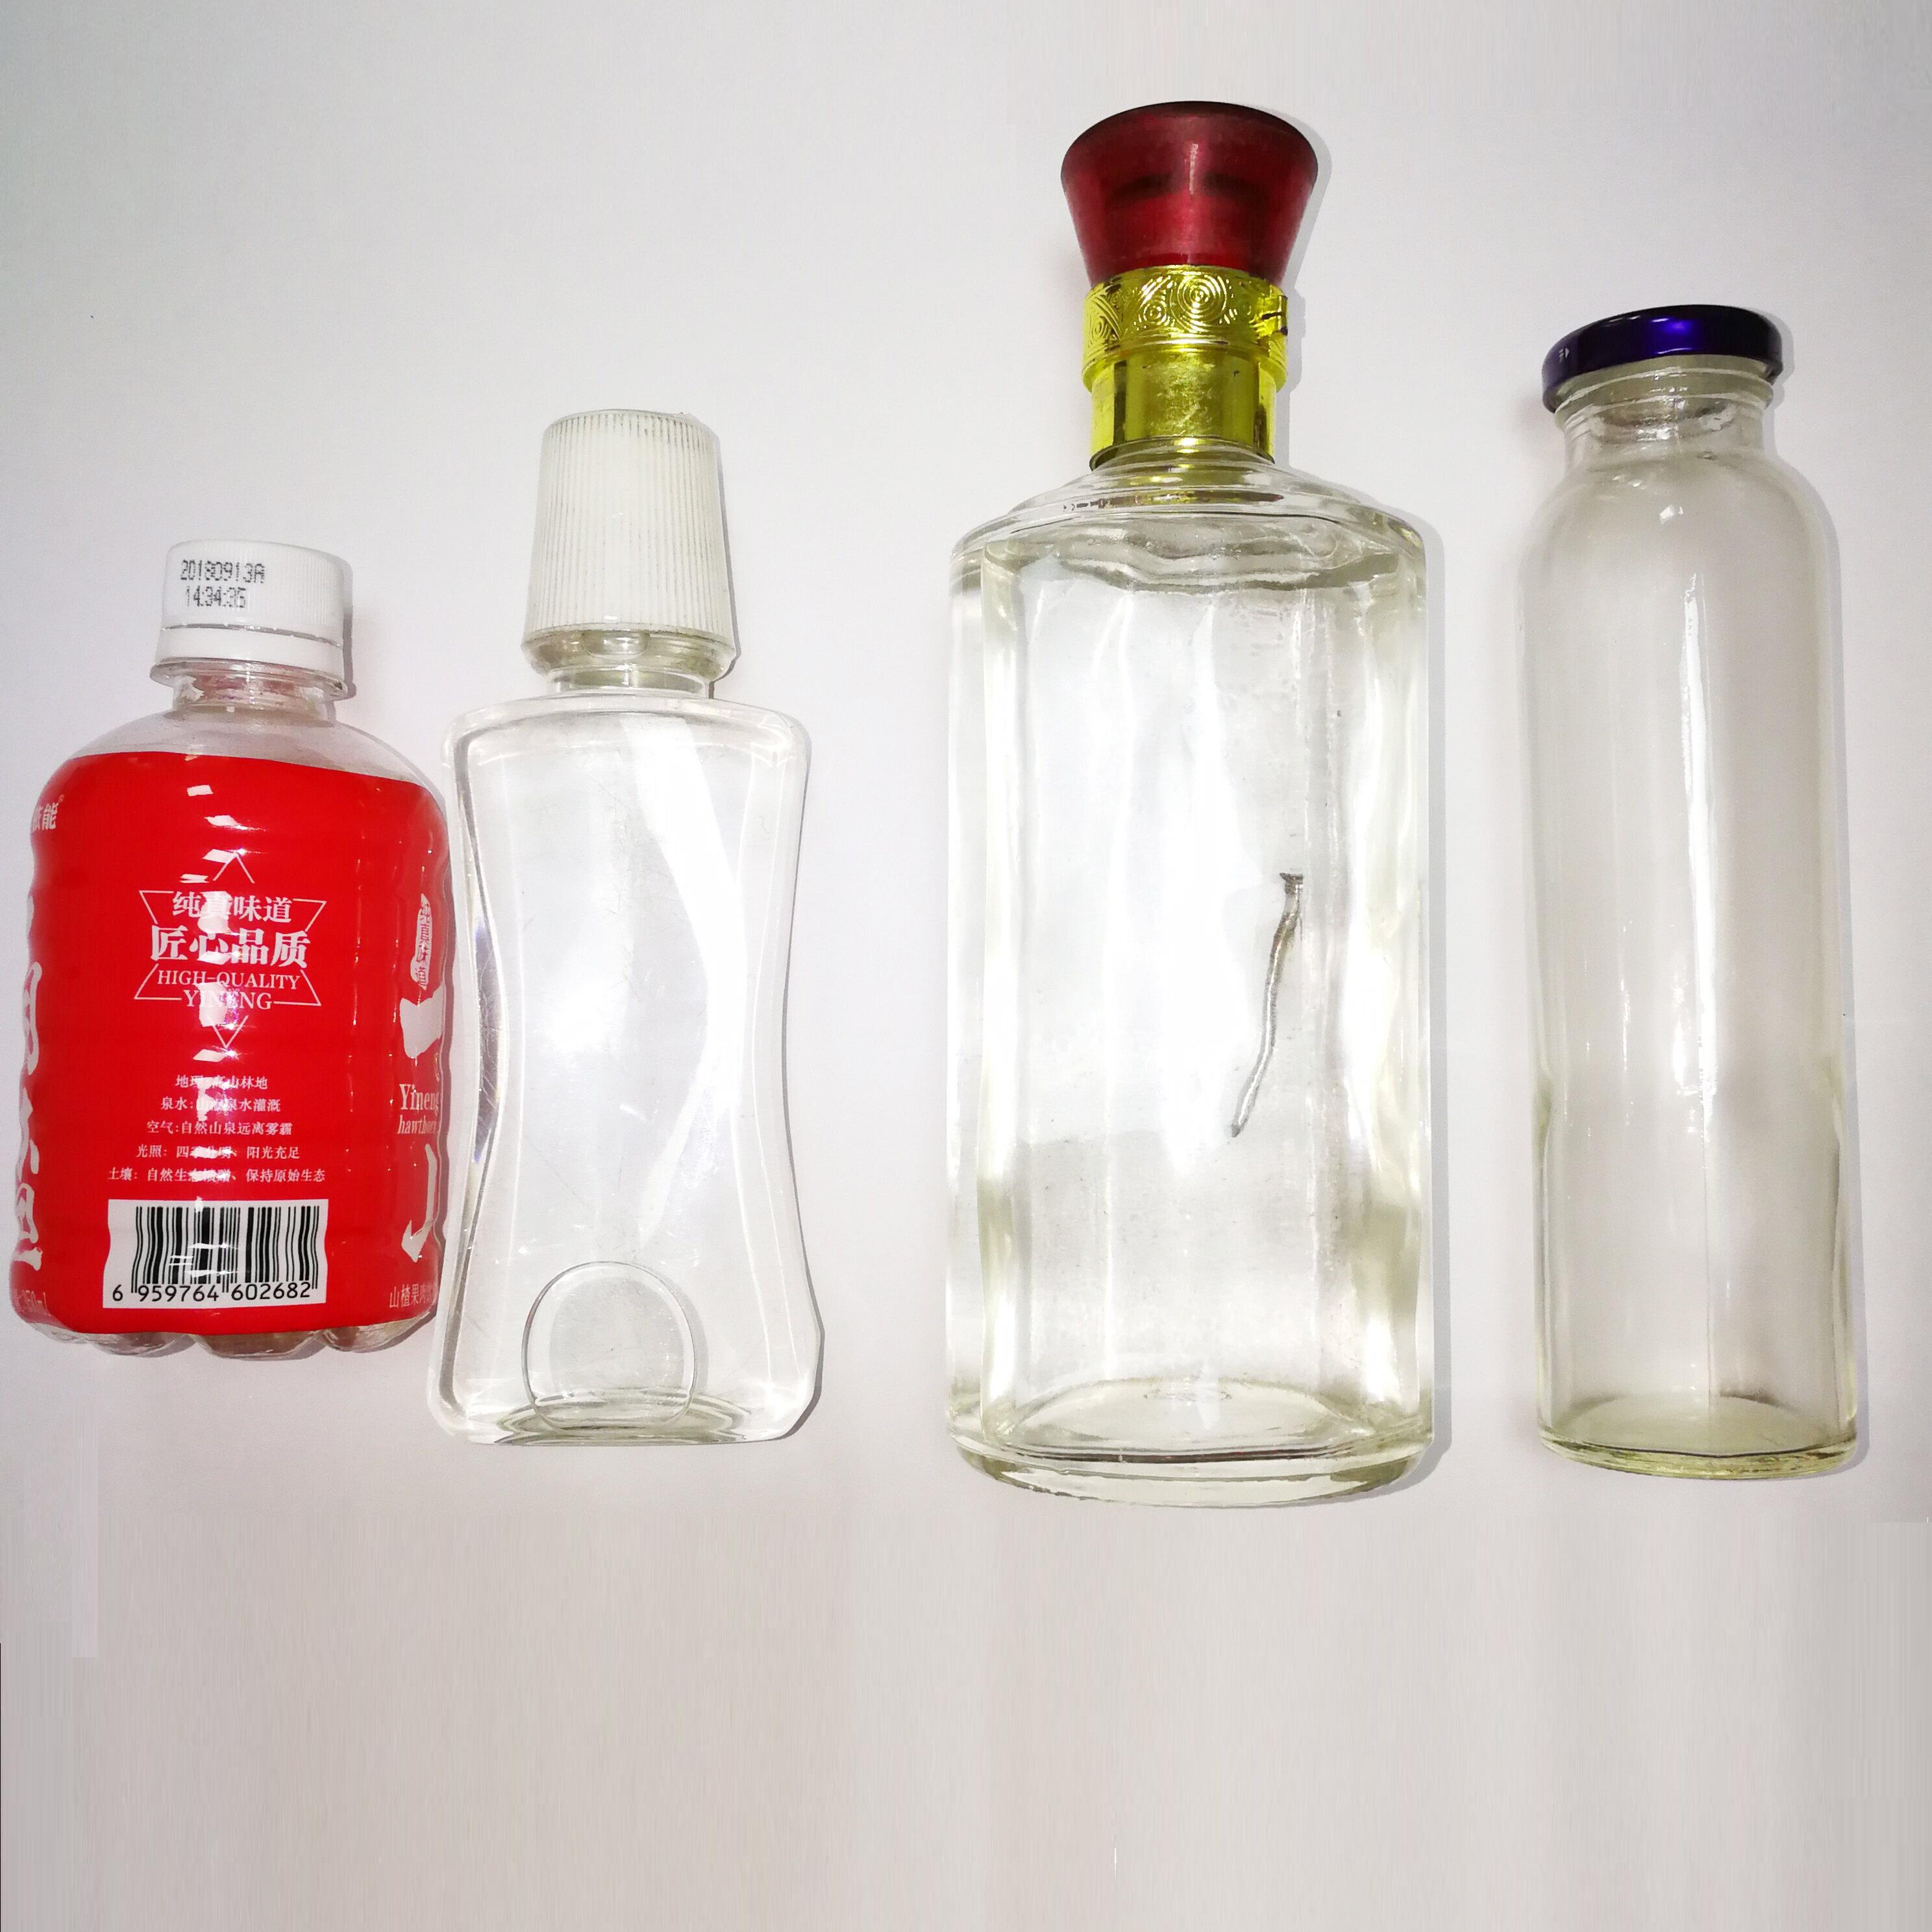 各类玻璃瓶